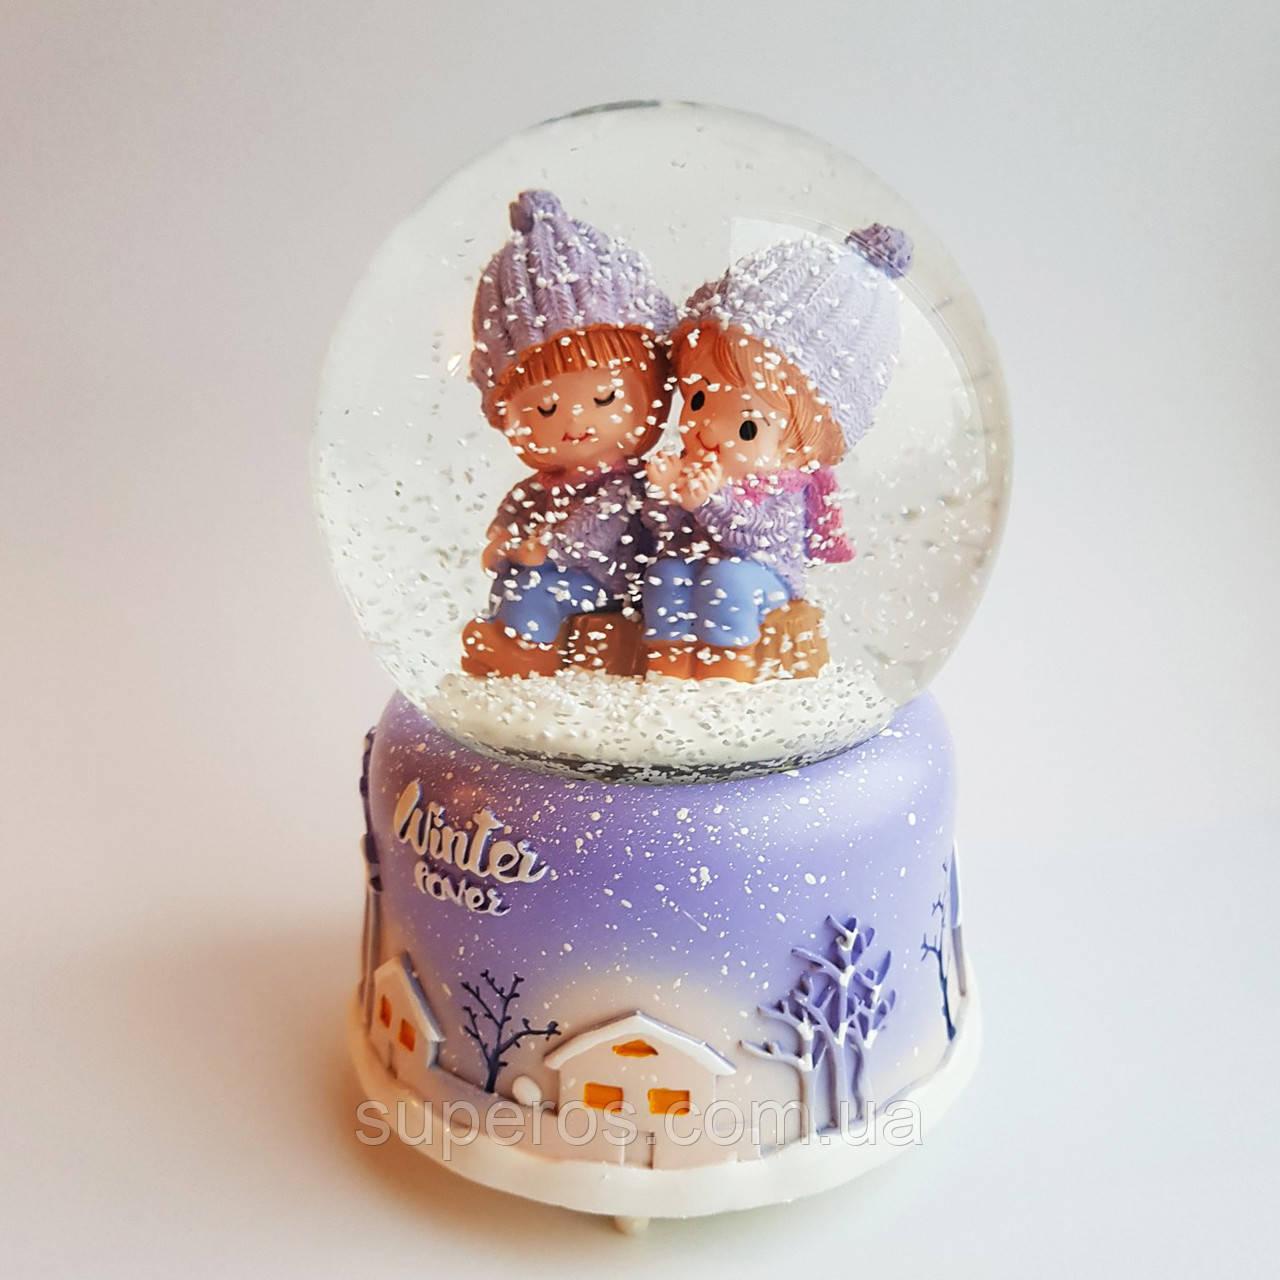 Снежный шар c автоснегом и подсветкой Winter lover №1